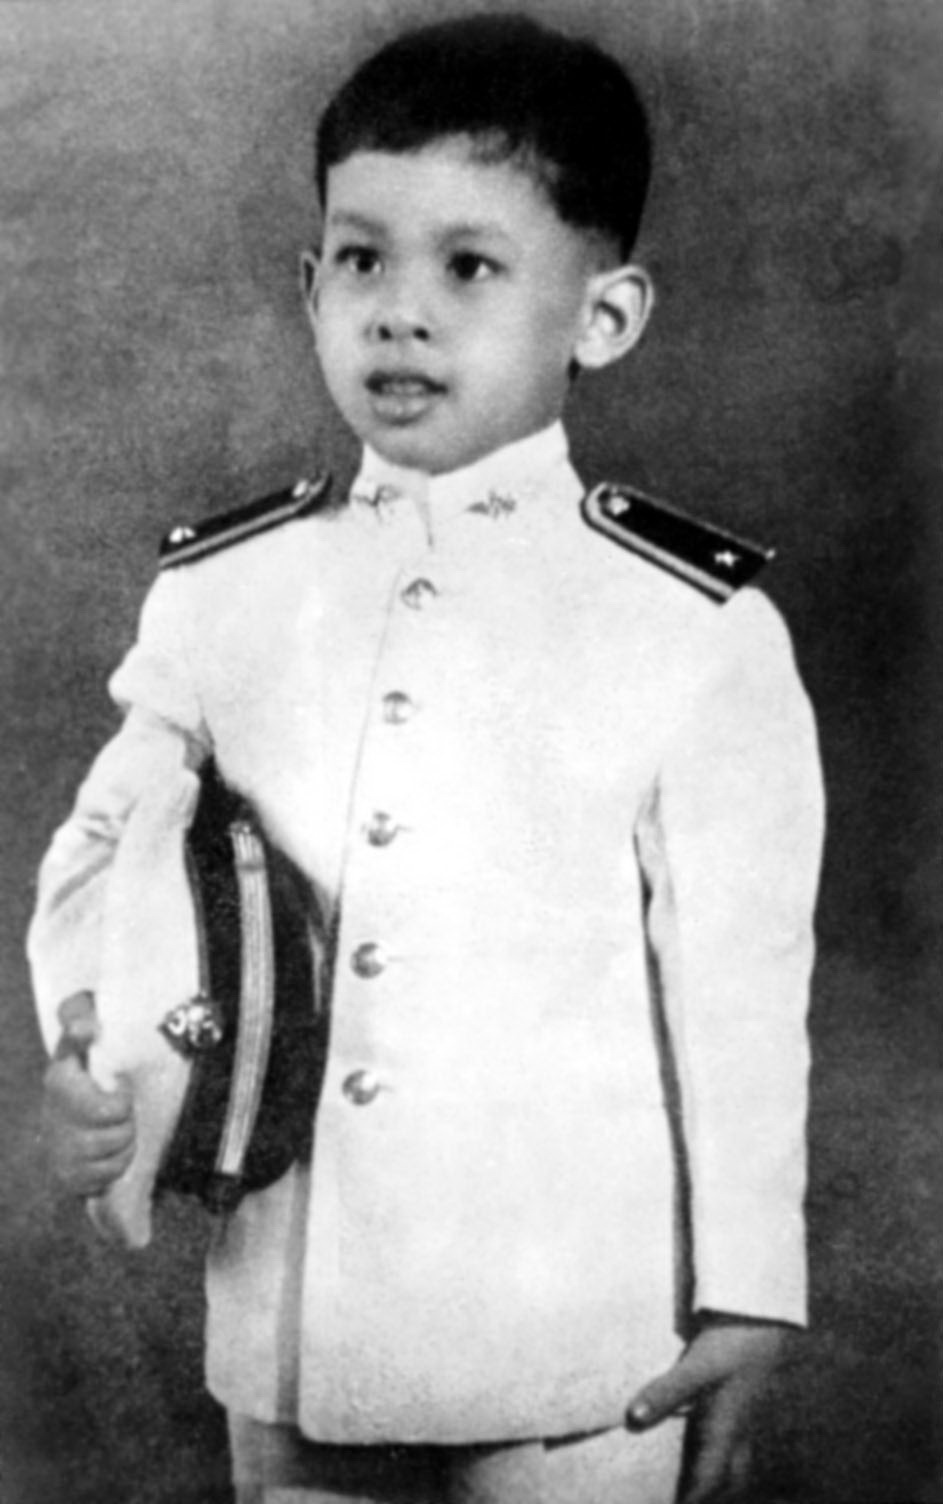 Prince Vajiralongkorn in 1957 / สมเด็จพระบรมโอรสาธิราชในช่วงปี ค.ศ. 1957